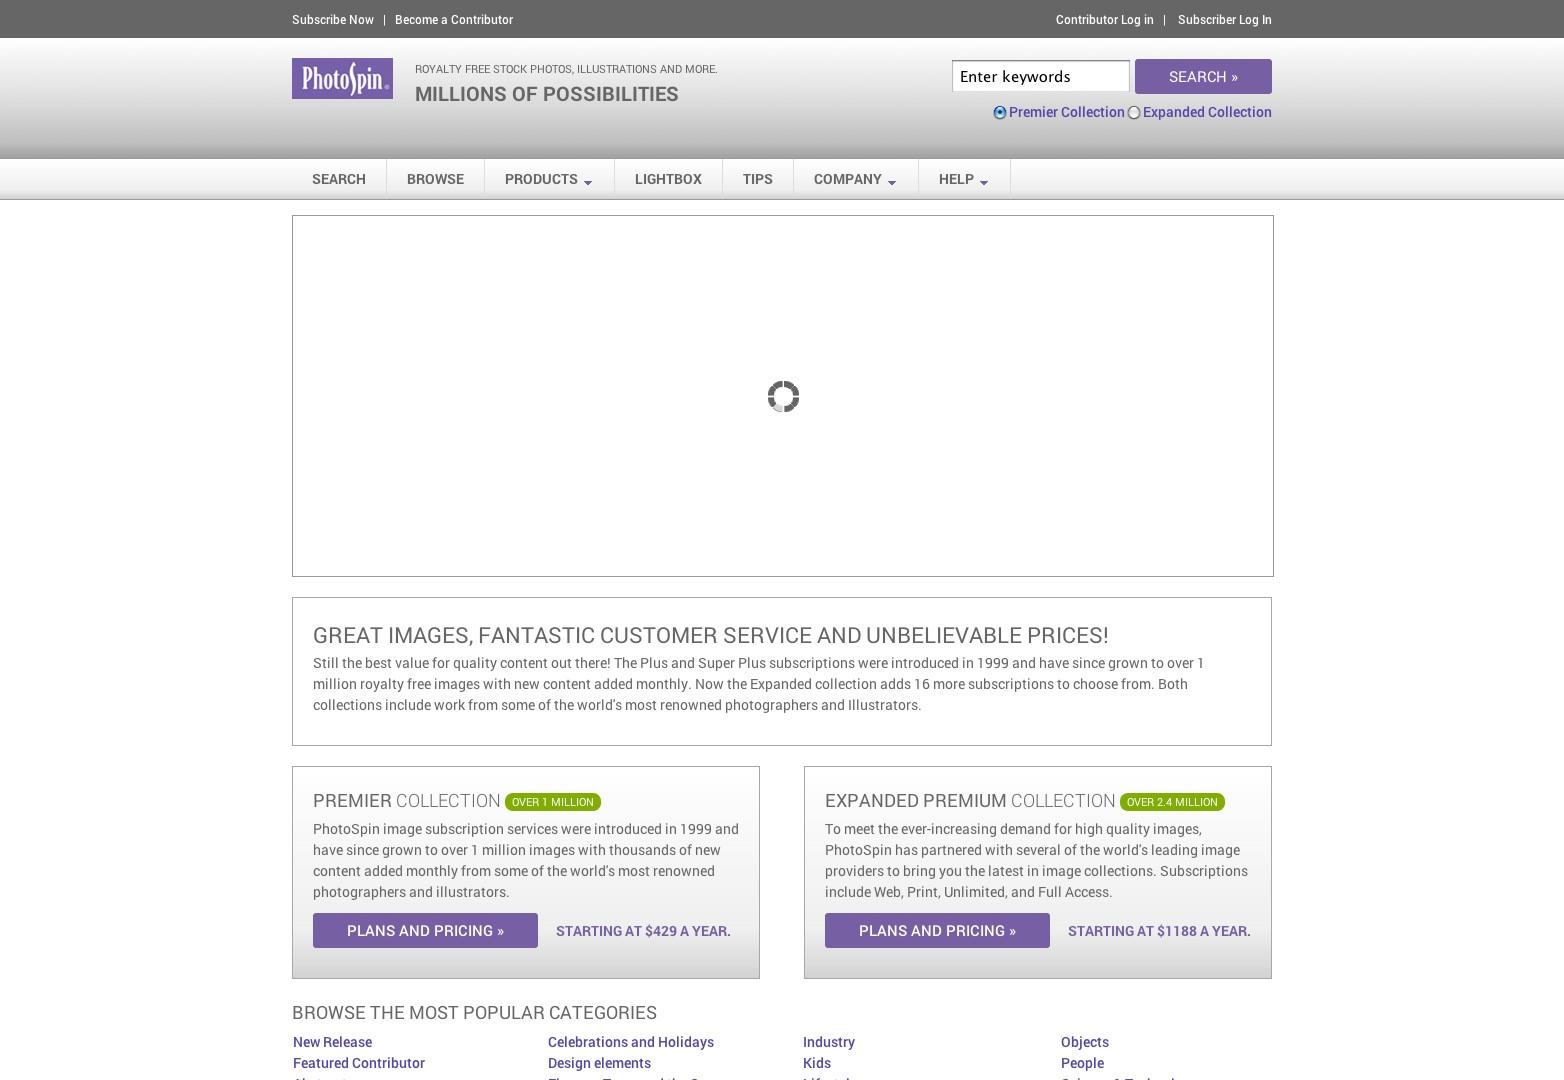 PhotoSpin: Fotos de Archivo Libres de Regalías, Ilustraciones, Arte vectorial por suscripción.